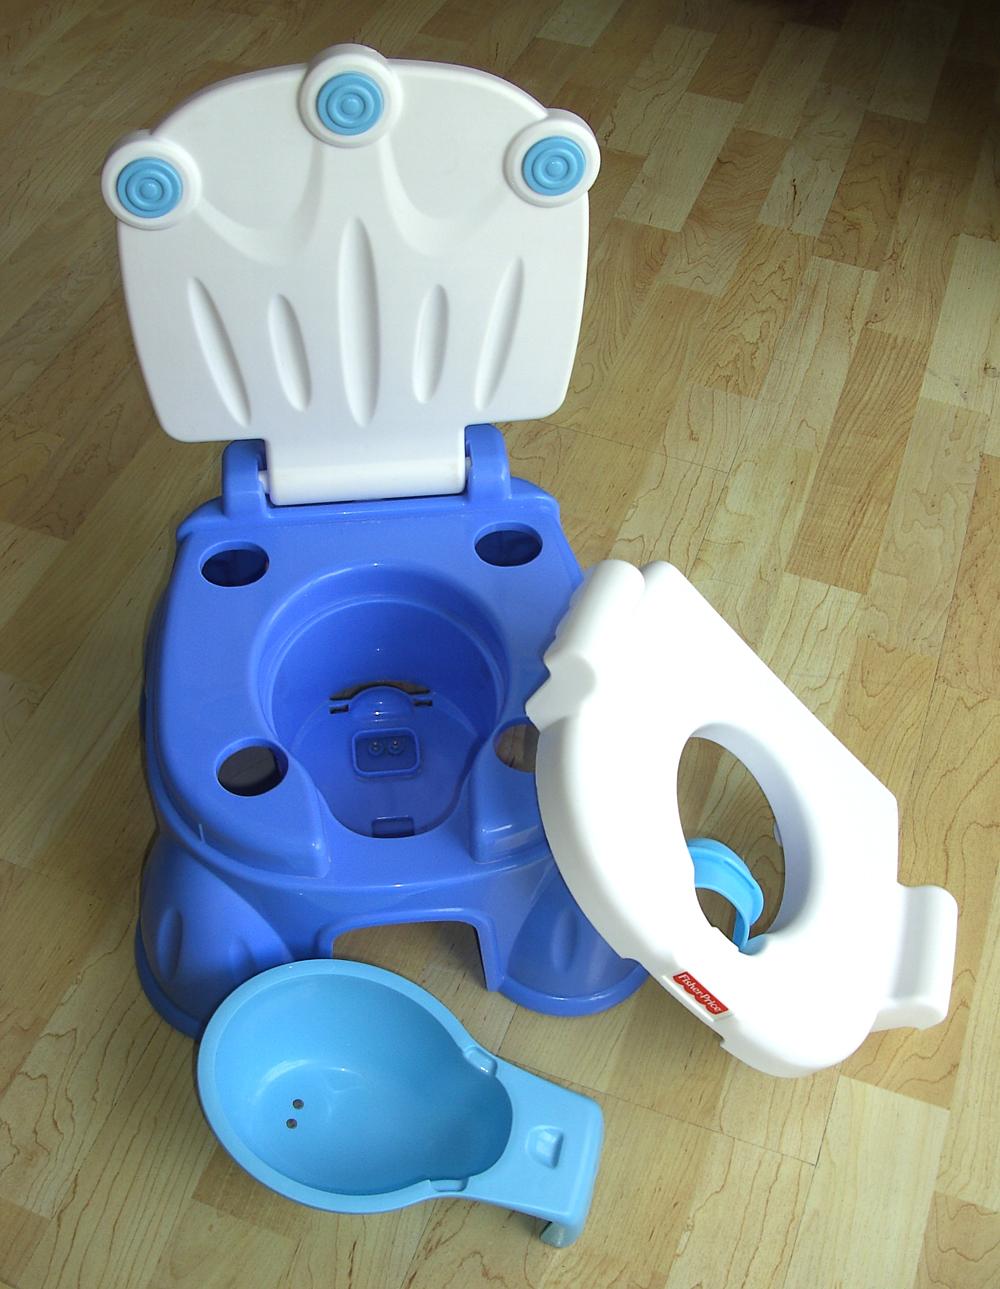 FISHER PRICE 3 in 1 Töpfchen Toilettentrainer Kinder